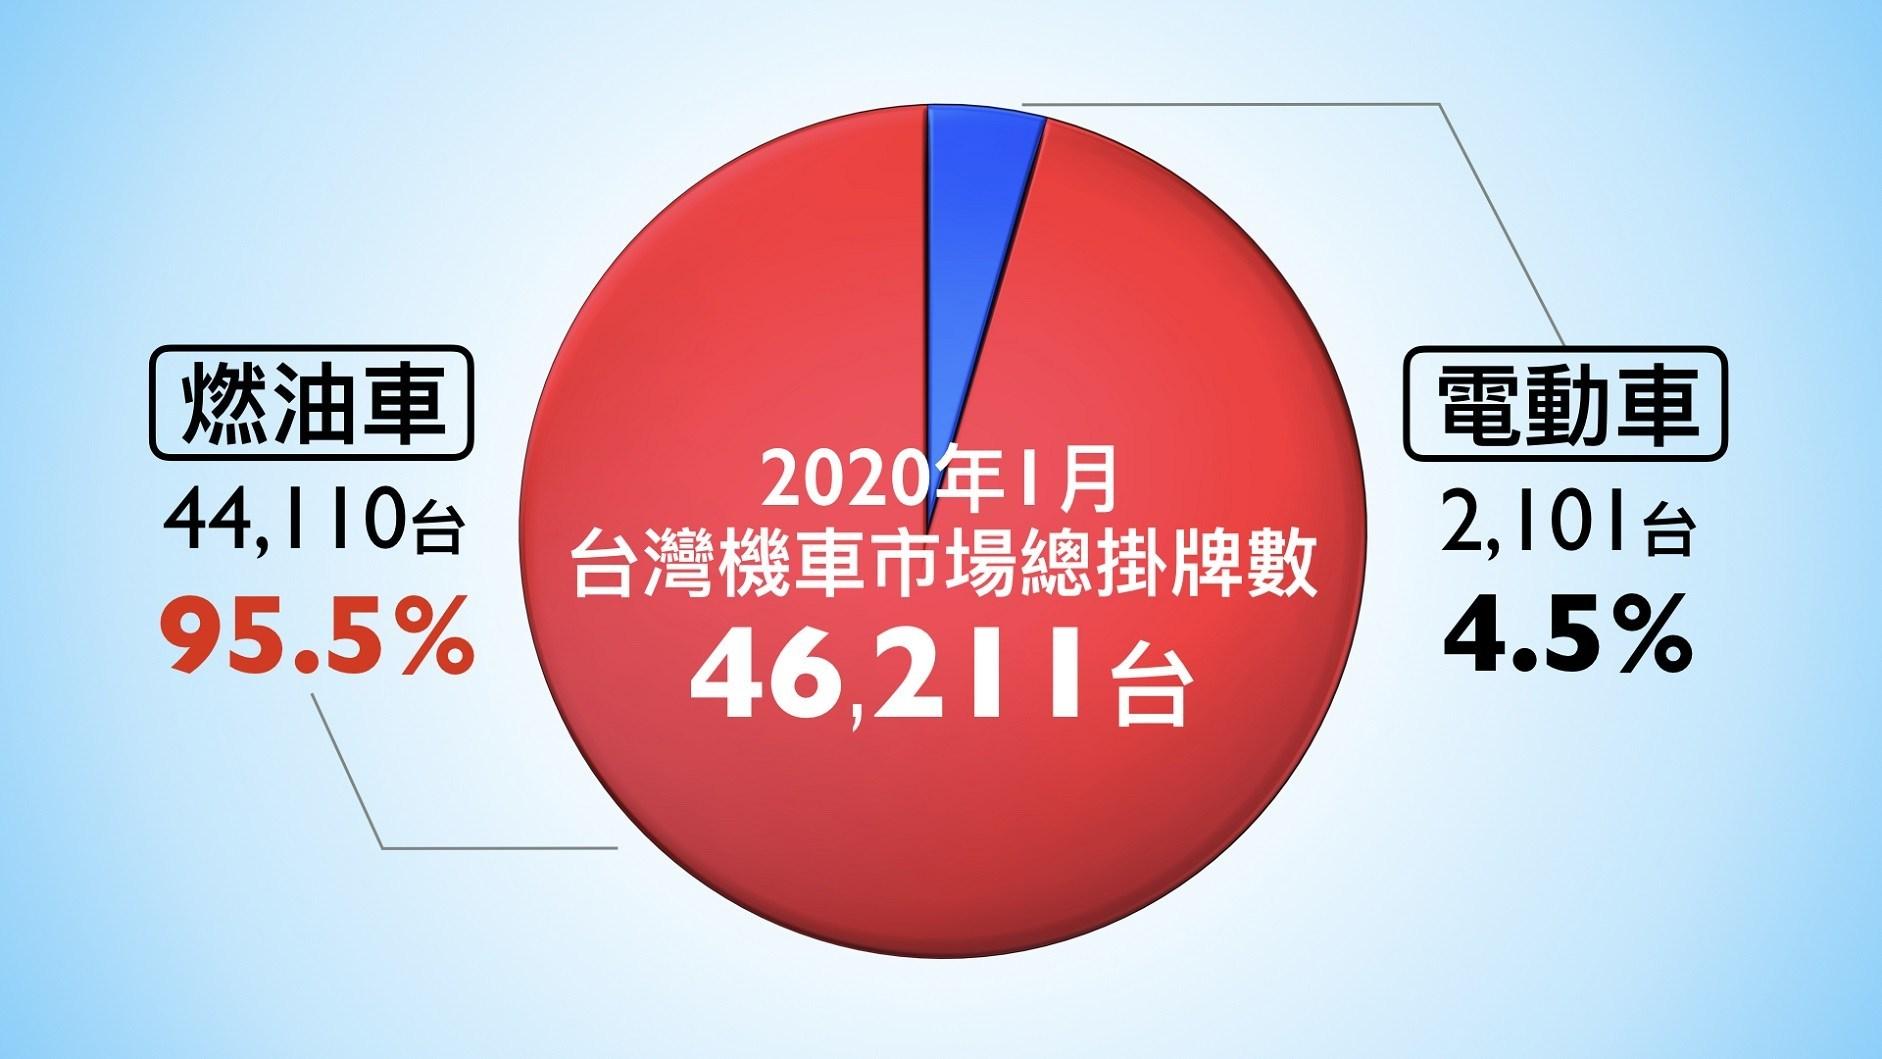 2020年1月台灣二輪車總掛牌數,燃油車市佔95.5%(44,110台),而電動車銷售因購車補助降低且尚未全面公告導致市佔僅4.5%(2,101台),創近期新低。.jpg